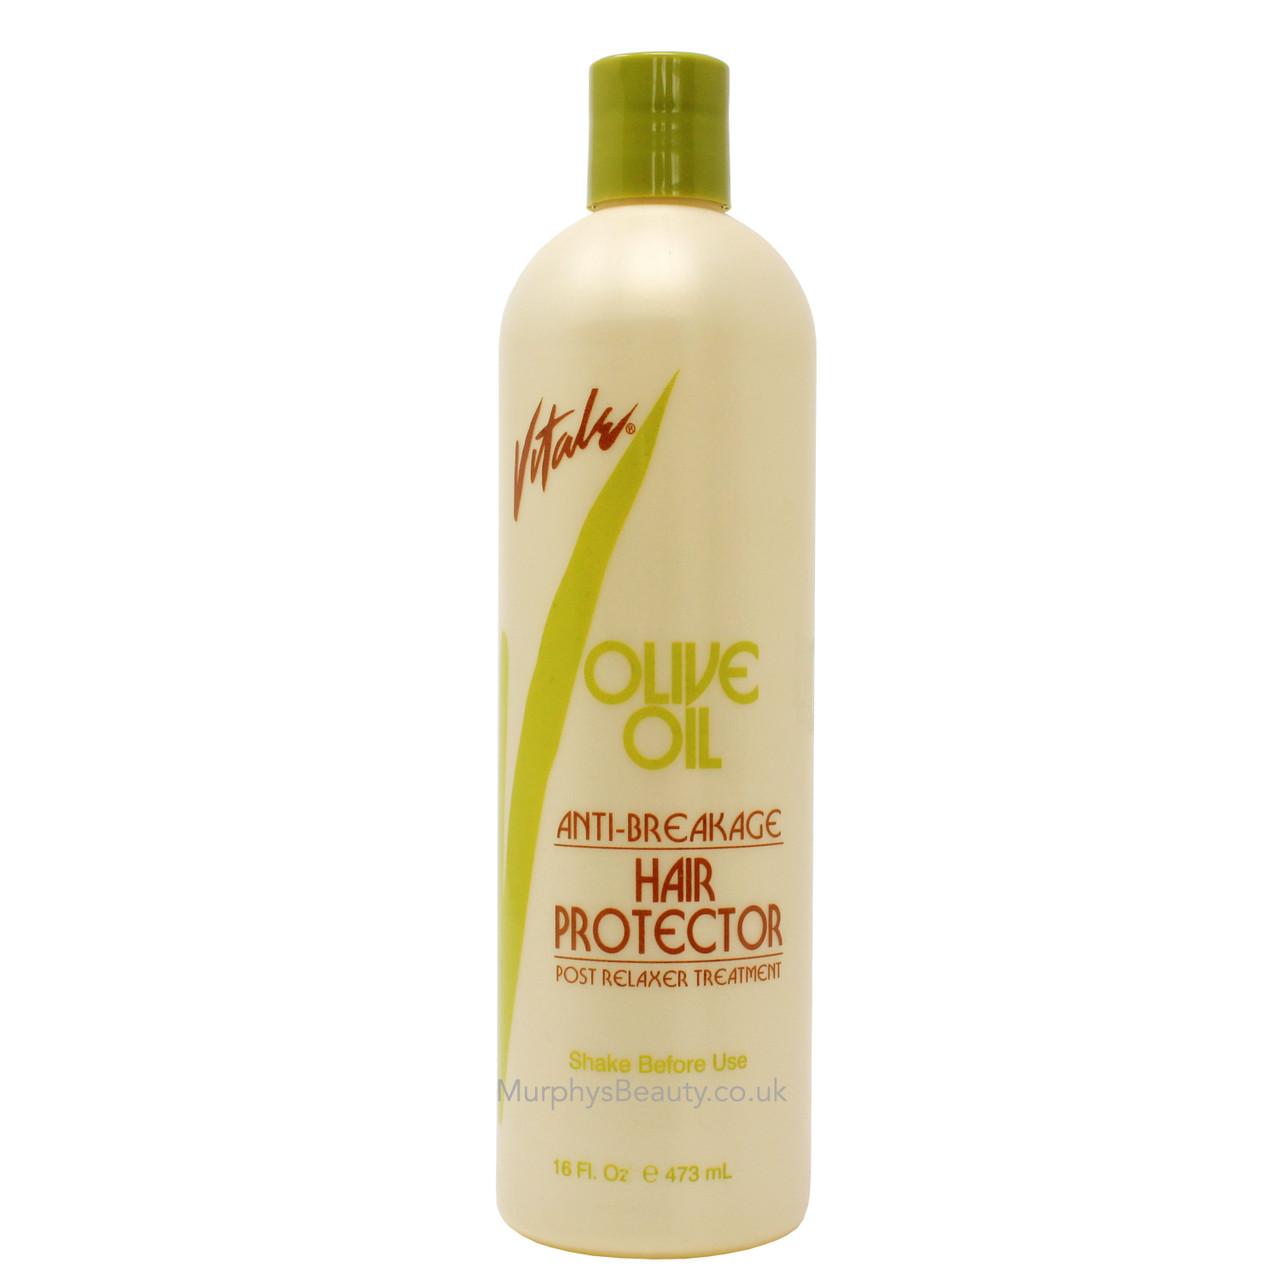 Vitale Olive Oil Anti Breakage Hair Protector 16oz